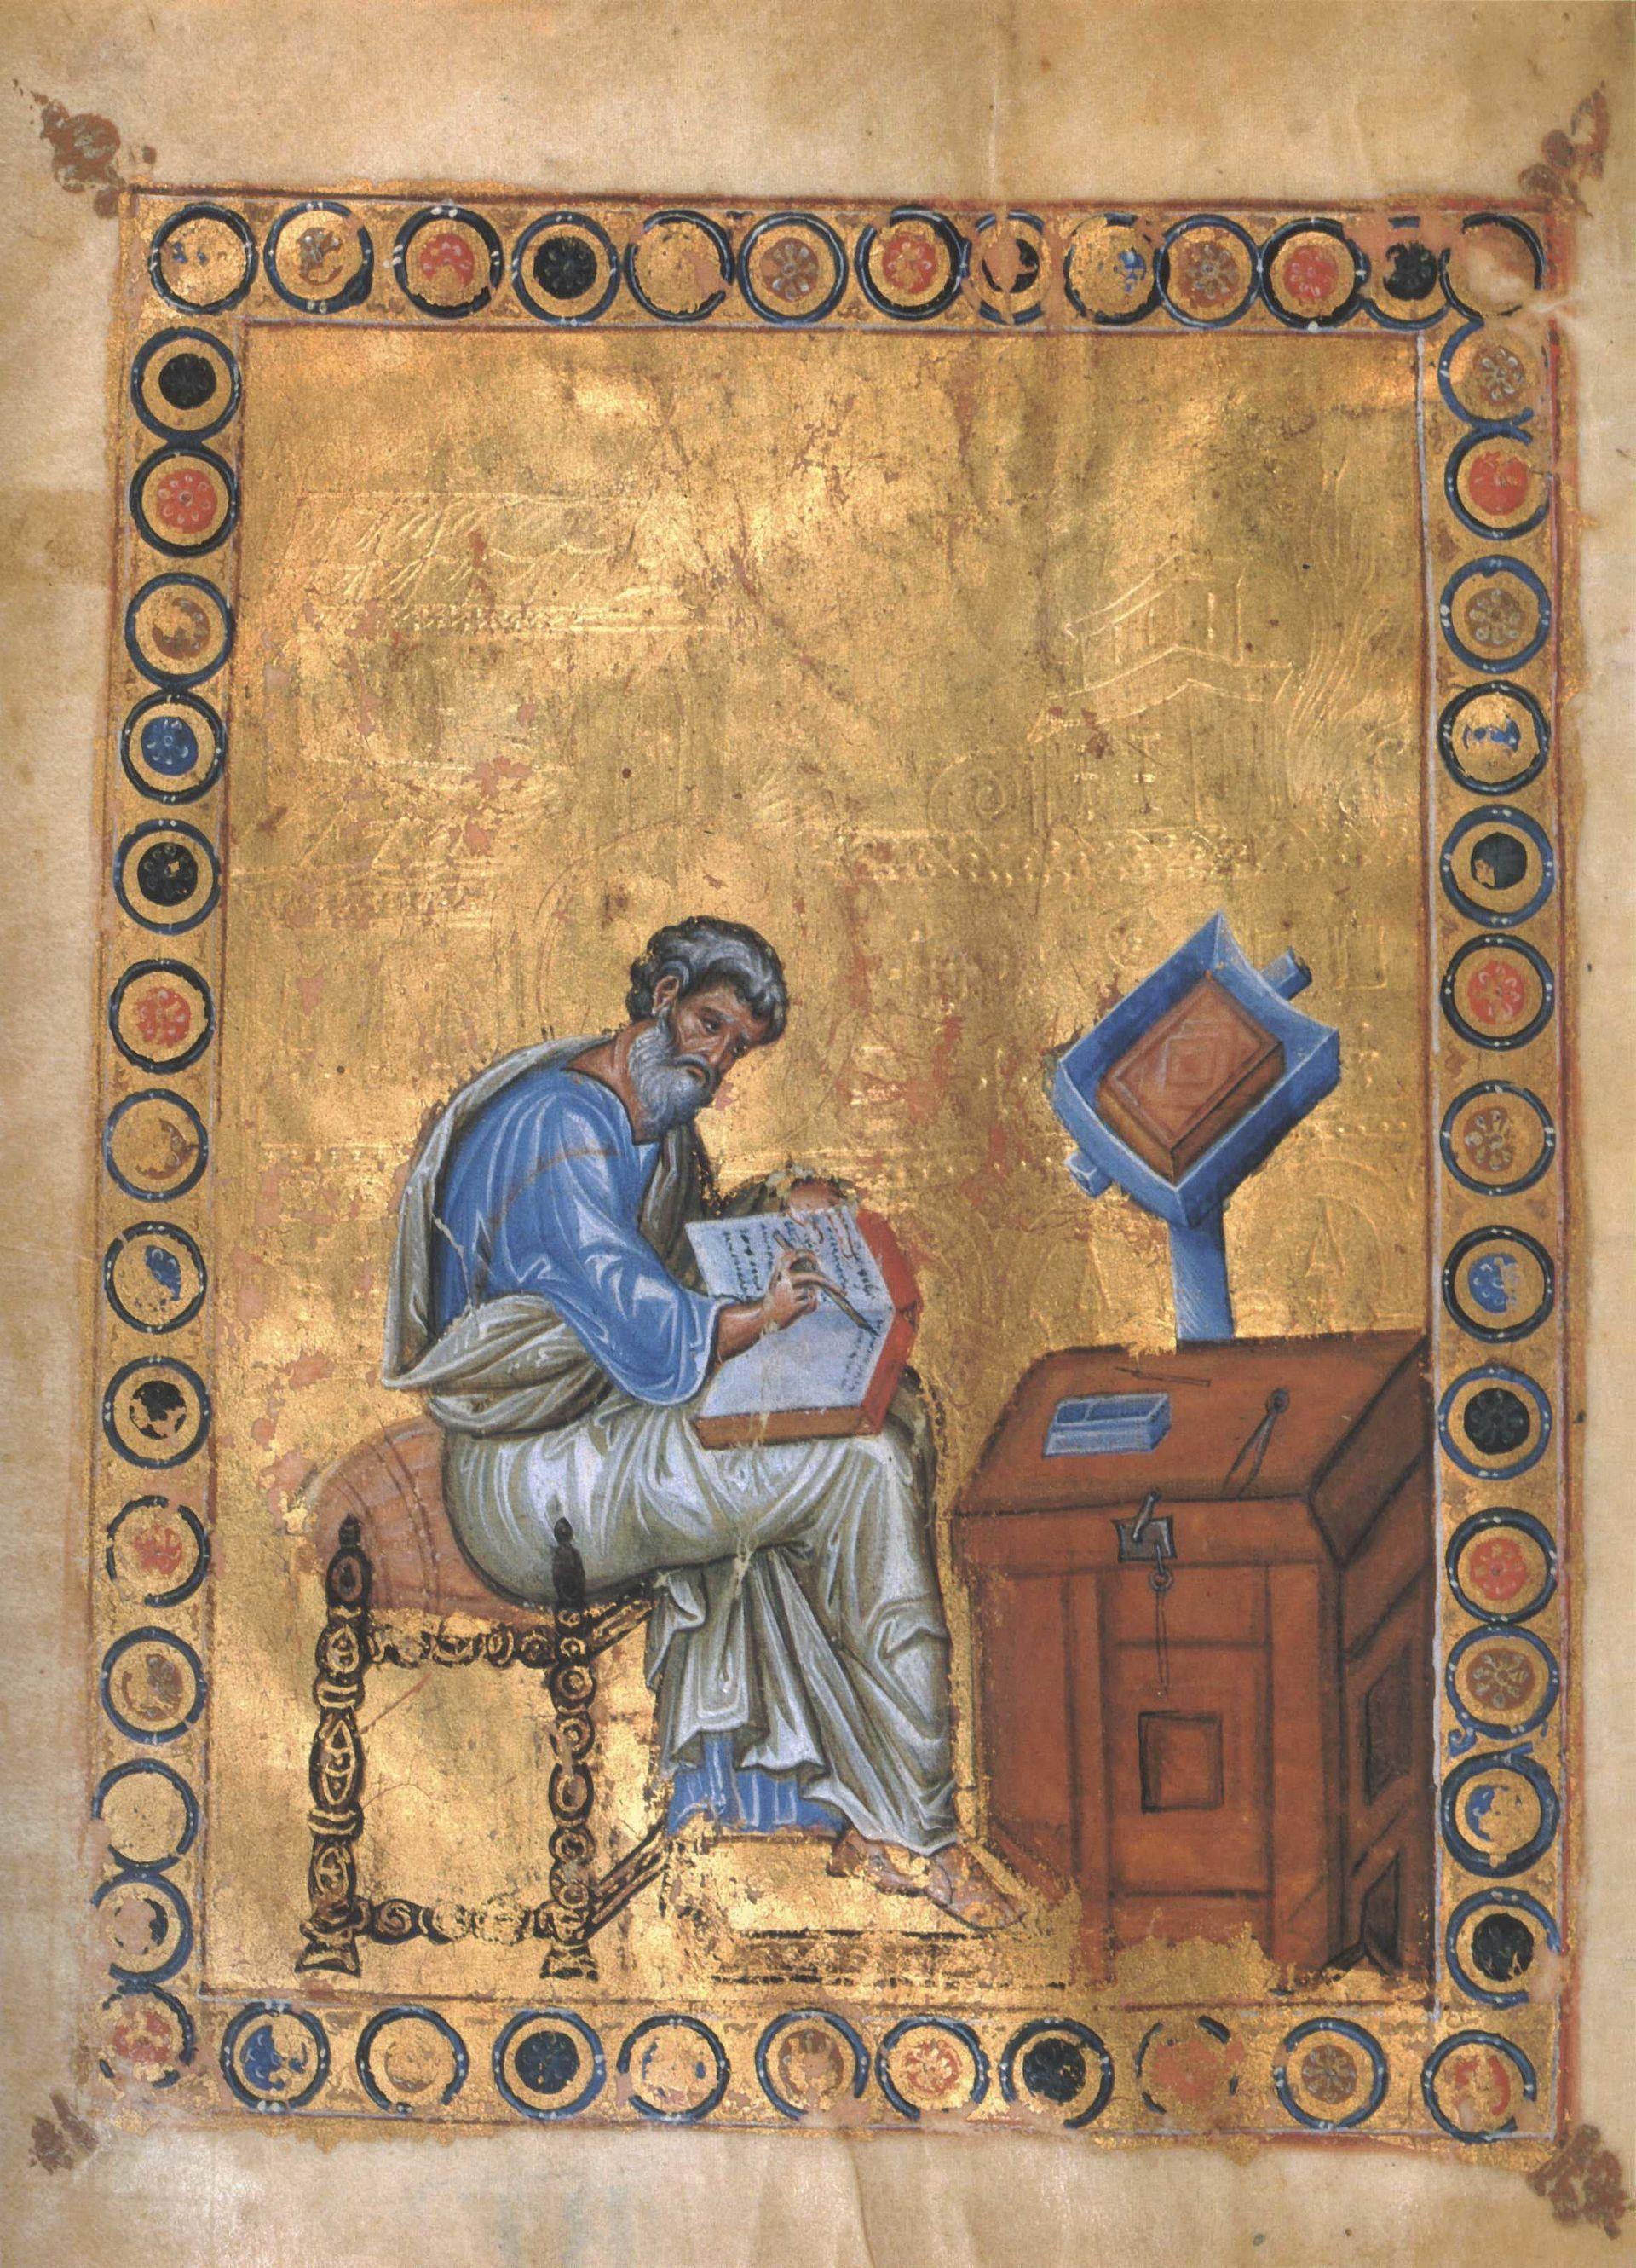 Gospel of matthew essay